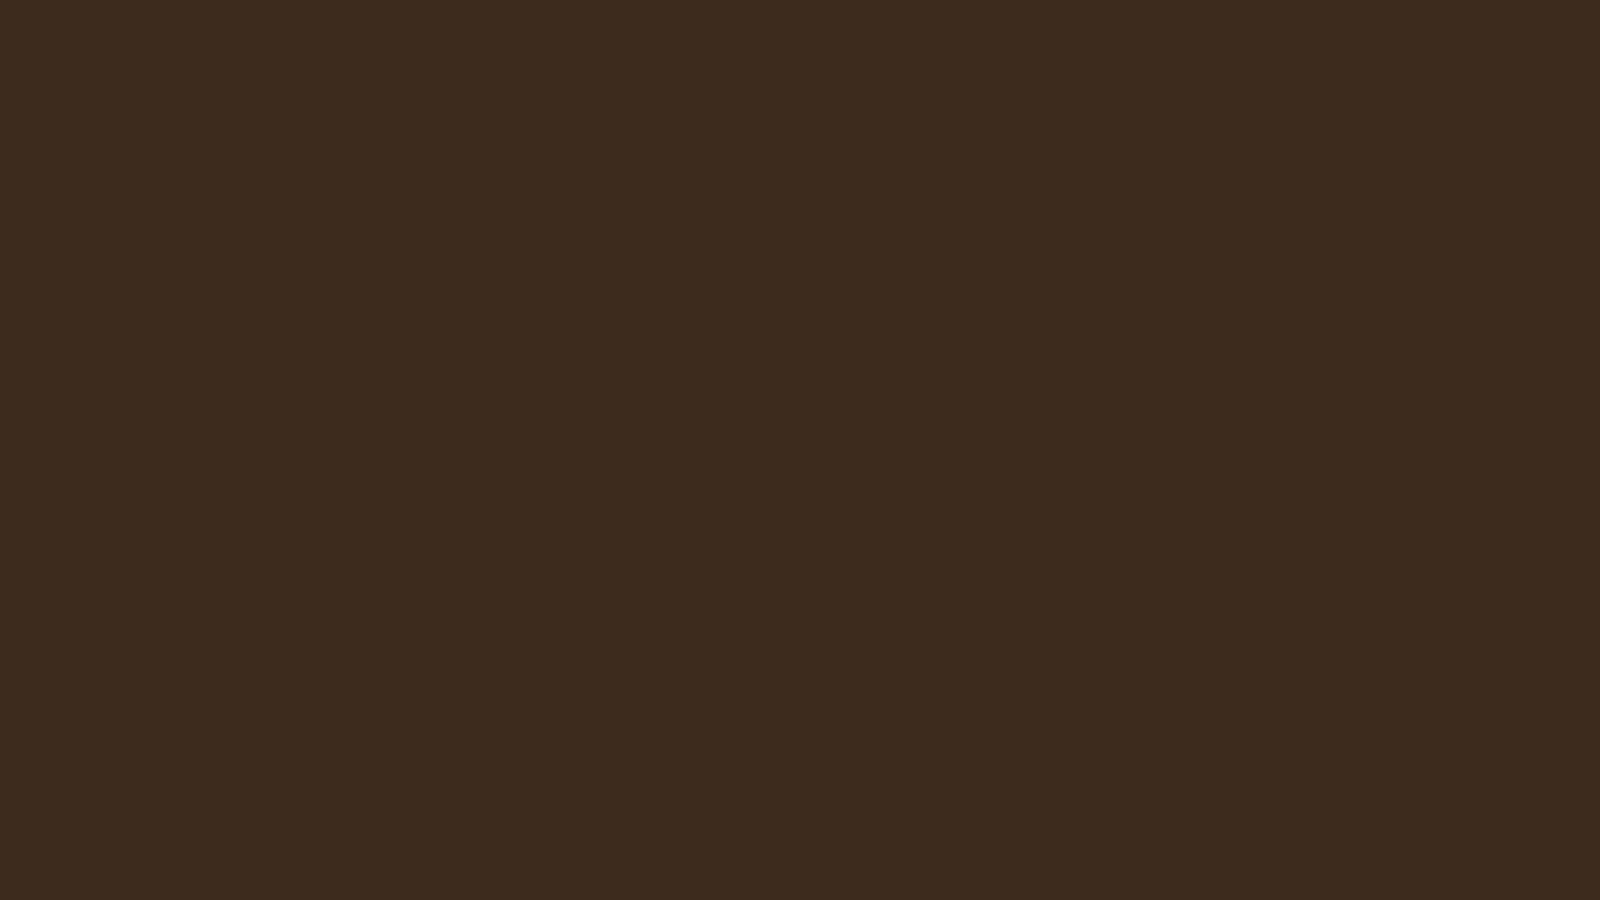 1600x900 Bistre Solid Color Background